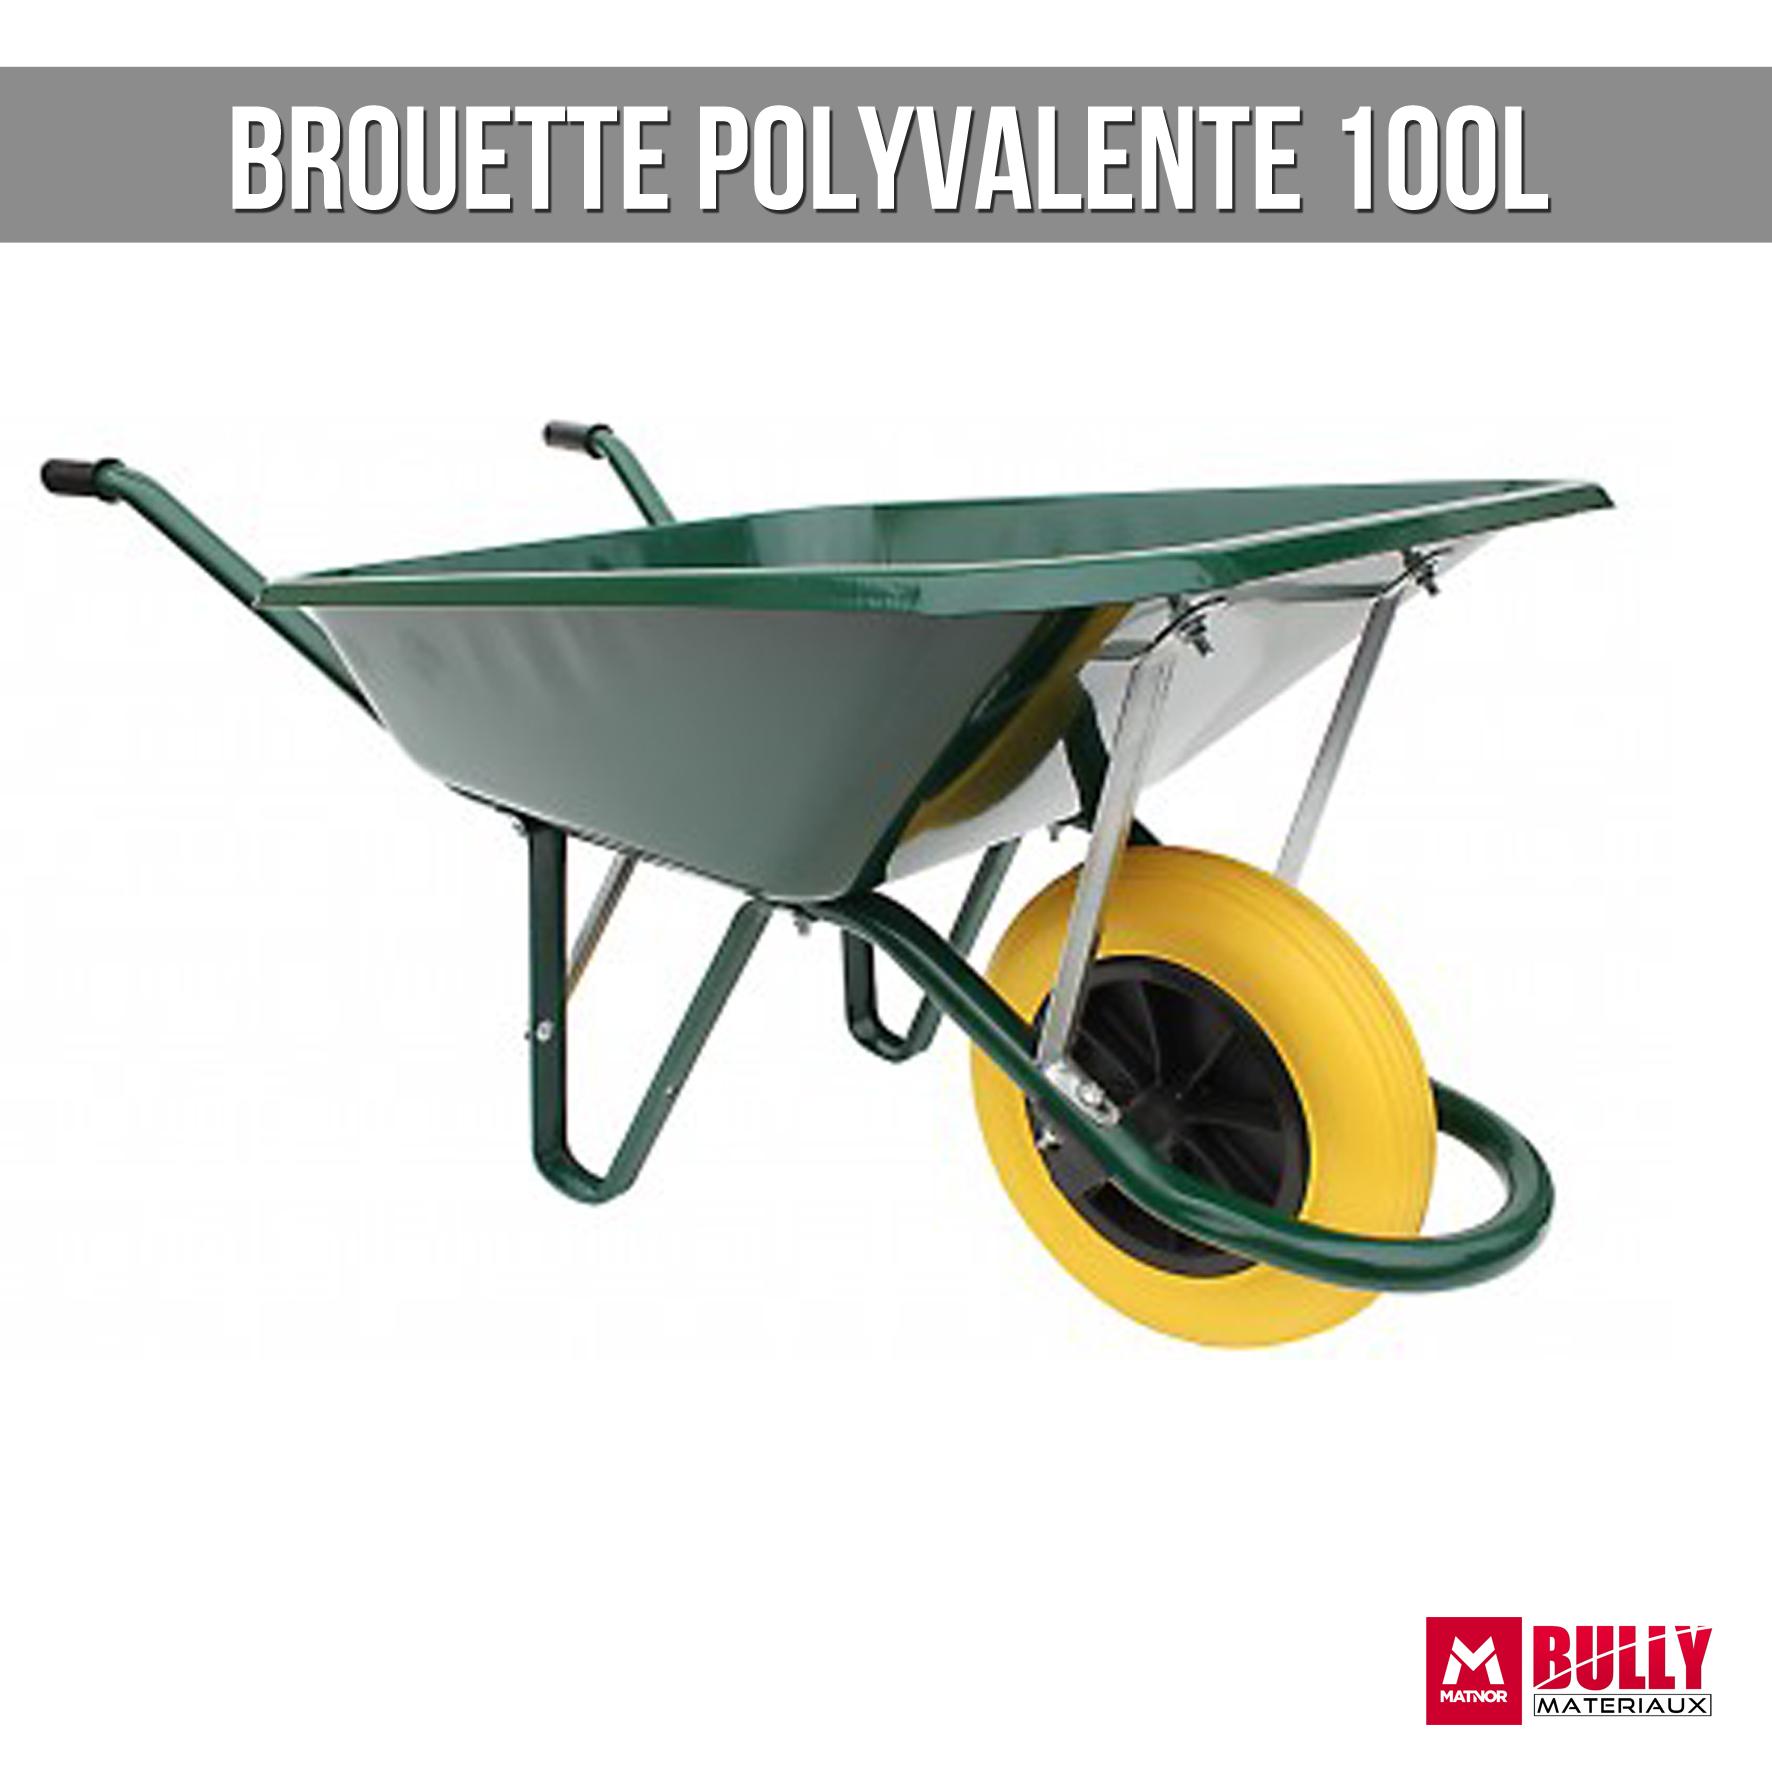 Brouette polyvalente 100l